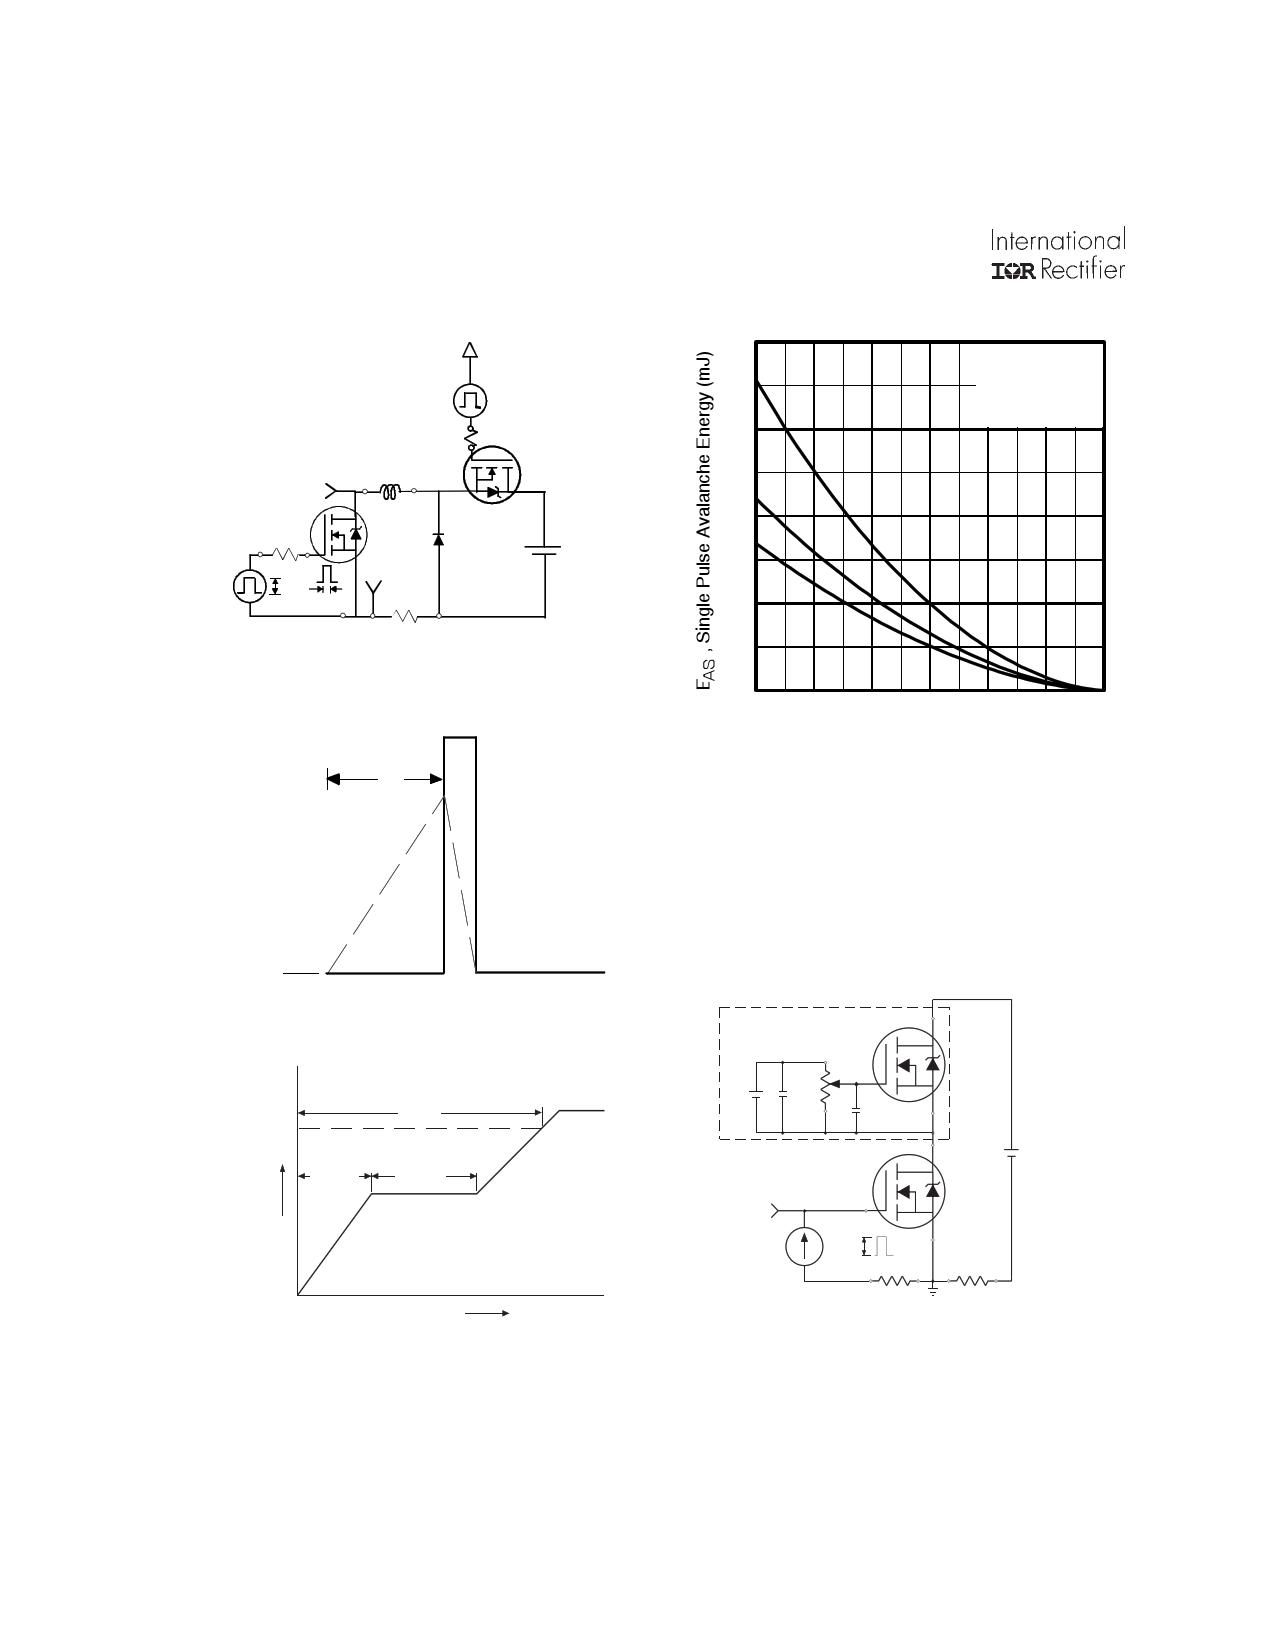 IRL1104PbF 電子部品, 半導体